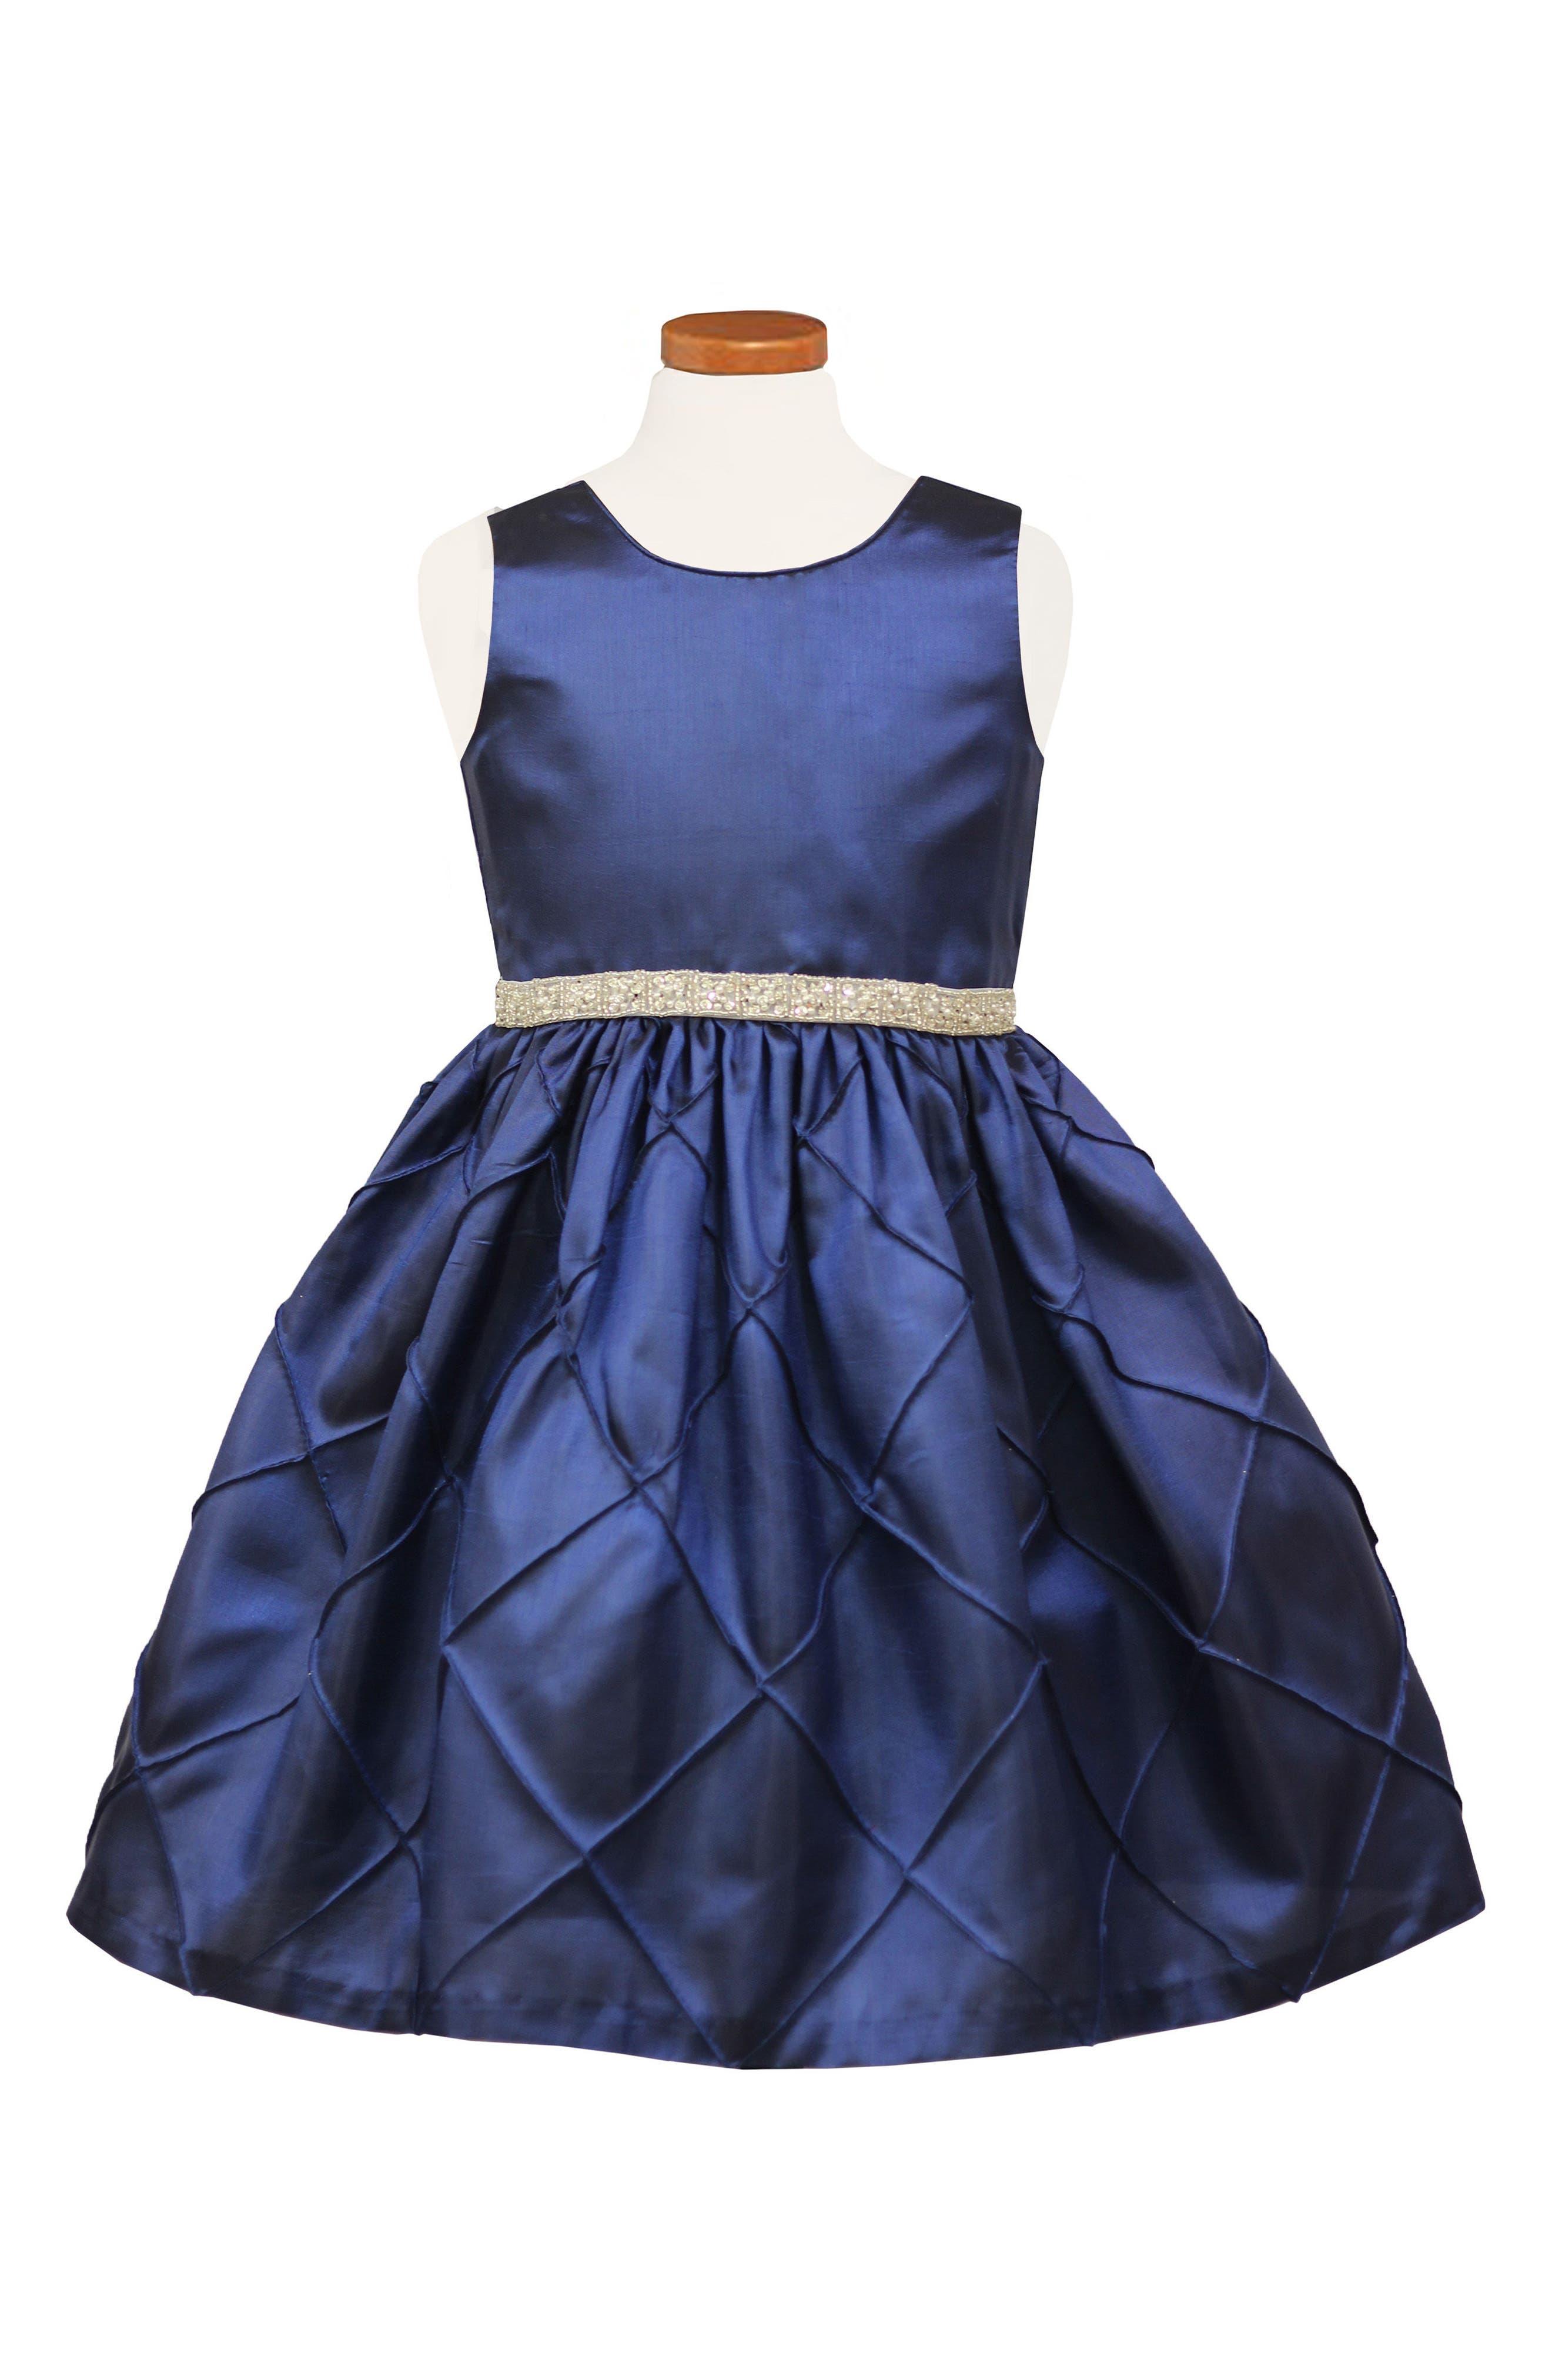 Taffeta Sleeveless Dress,                             Main thumbnail 1, color,                             NAVY